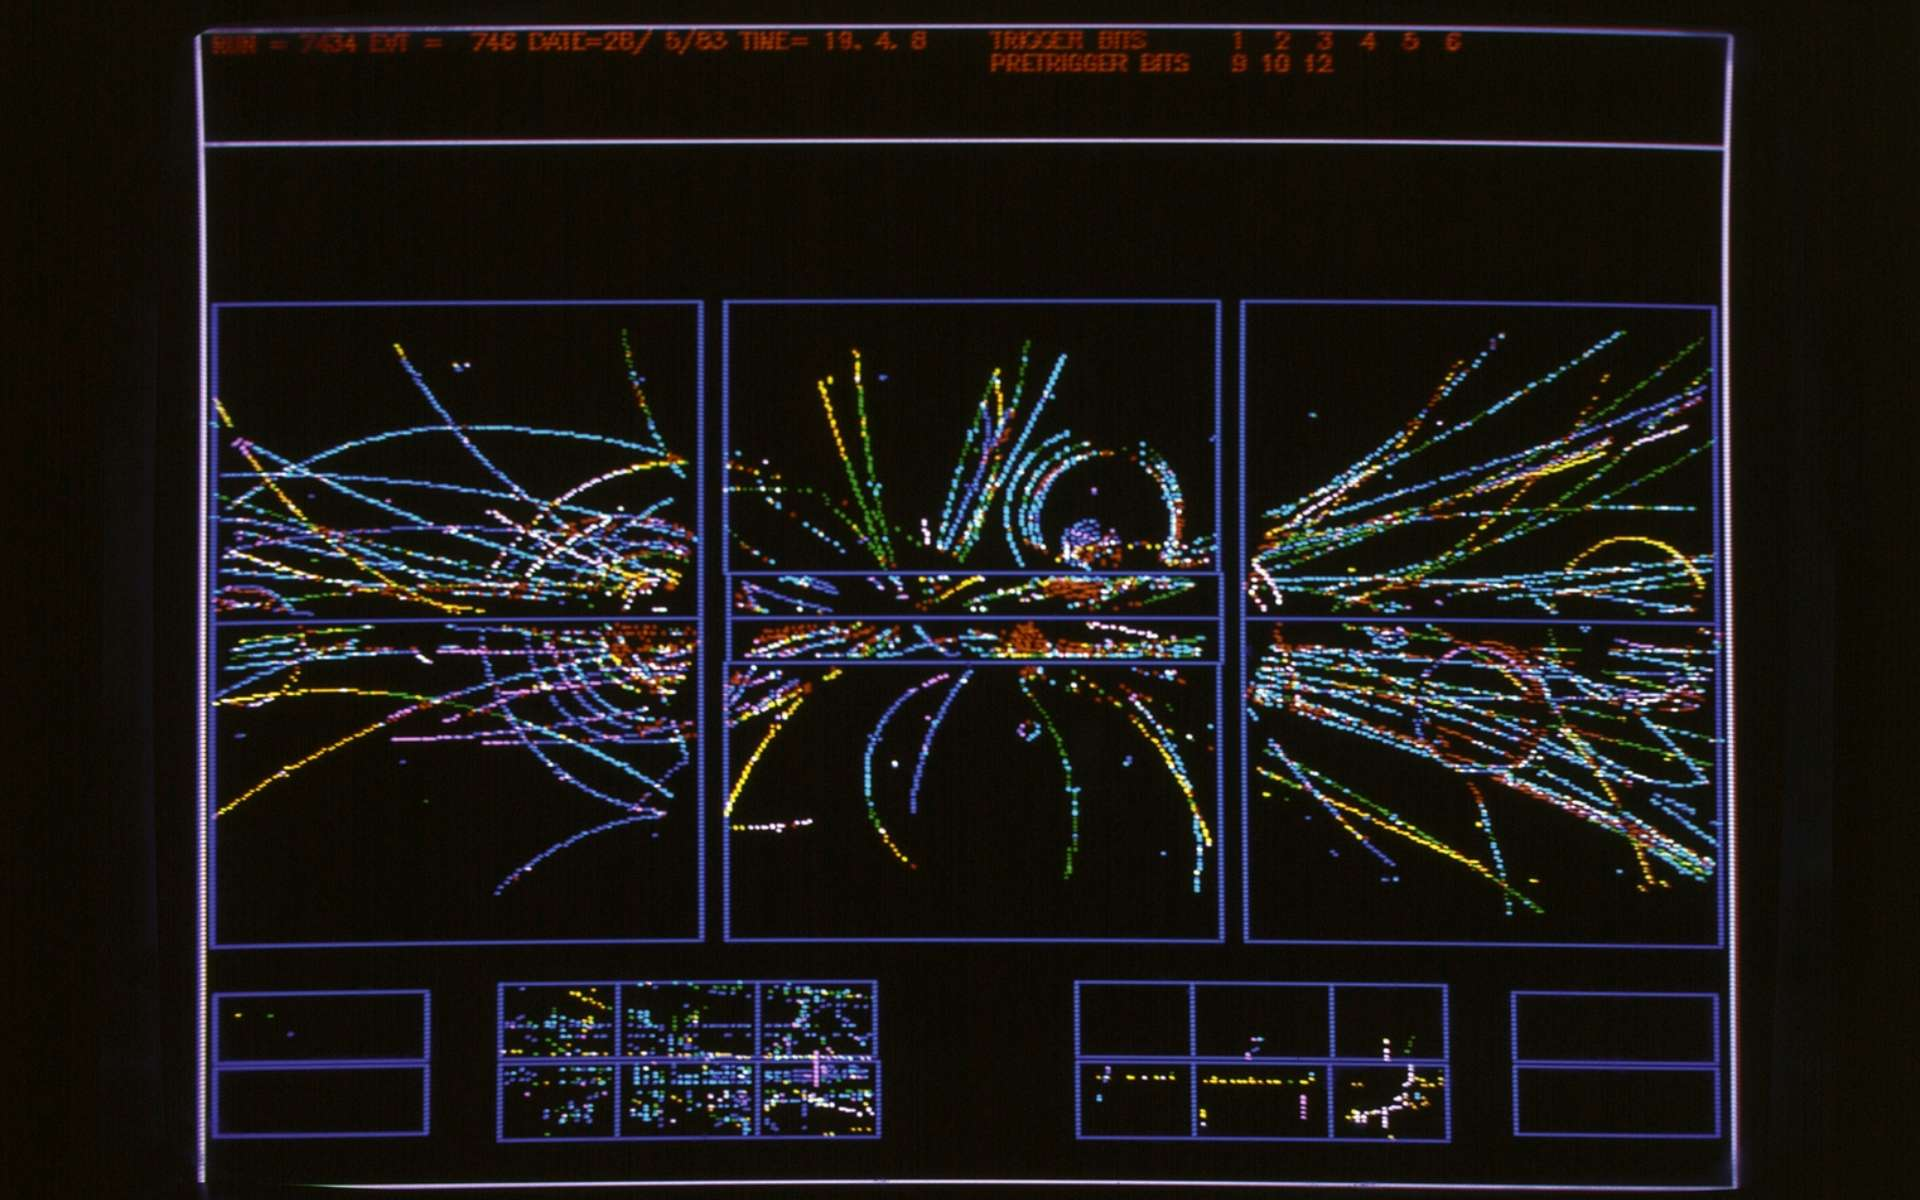 Les particules produites par des collisions de protons et d'antiprotons dans le détecteur UA1 au Cern en 1983 étaient étudiées avec des ordinateurs. On voit ici certaines des trajectoires de ces particules reproduites sur un écran par ces ordinateurs. © Cern